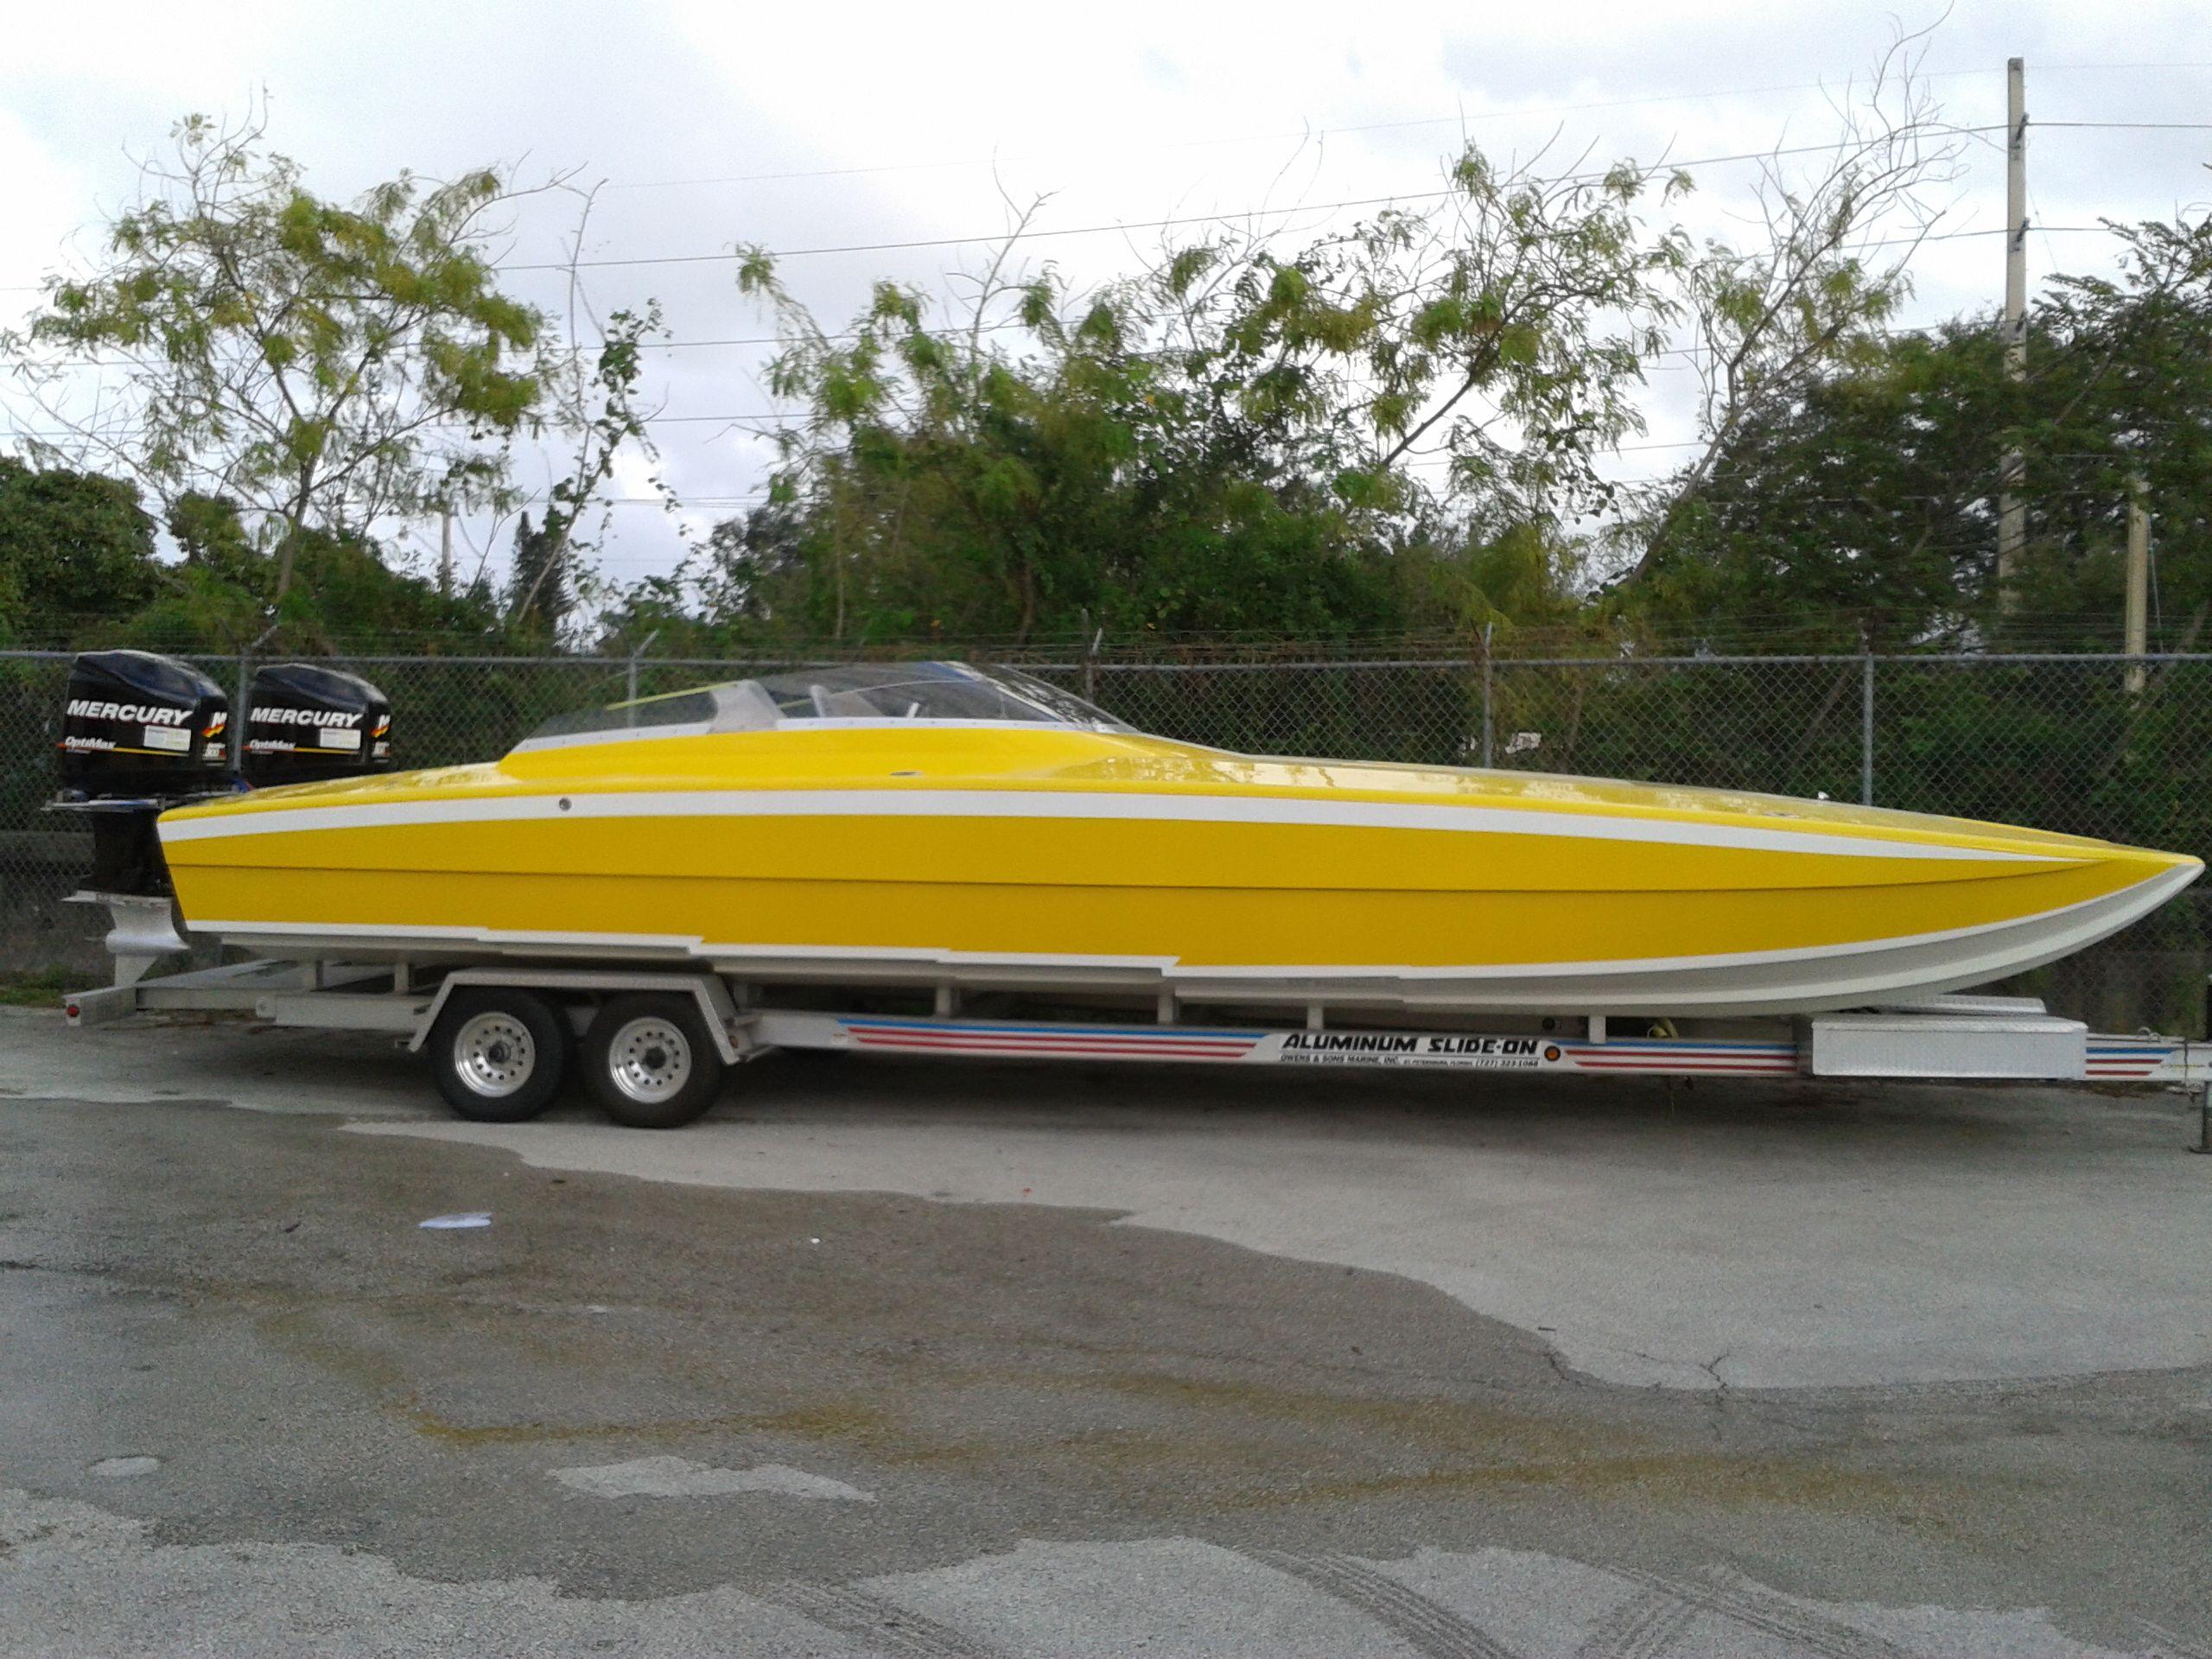 22+ Landing craft for sale alaska information